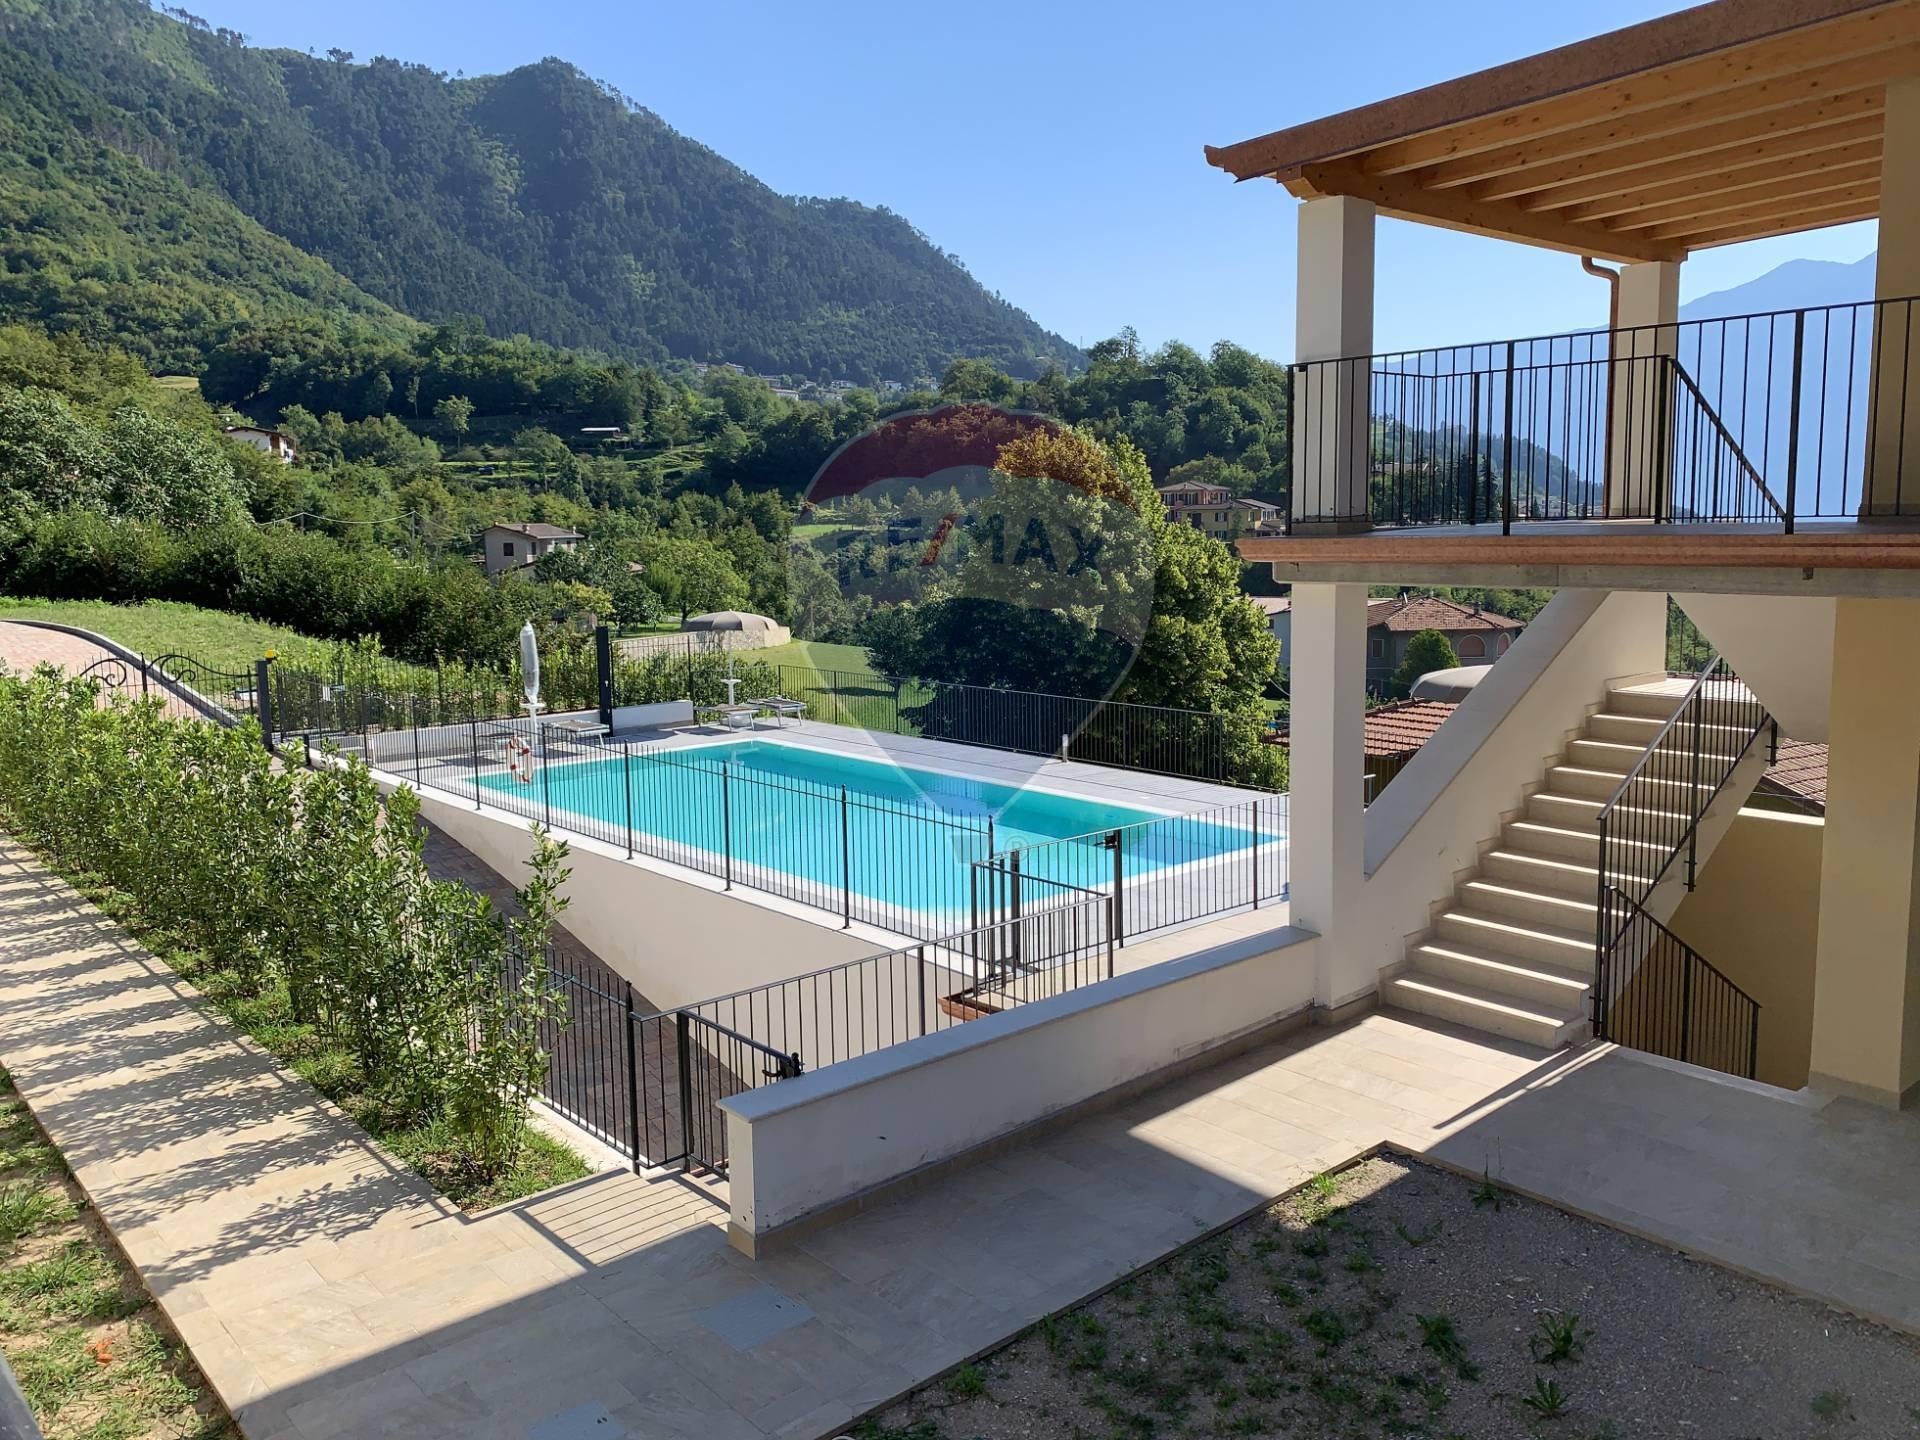 Appartamento in vendita a Tignale, 2 locali, prezzo € 220.000 | CambioCasa.it